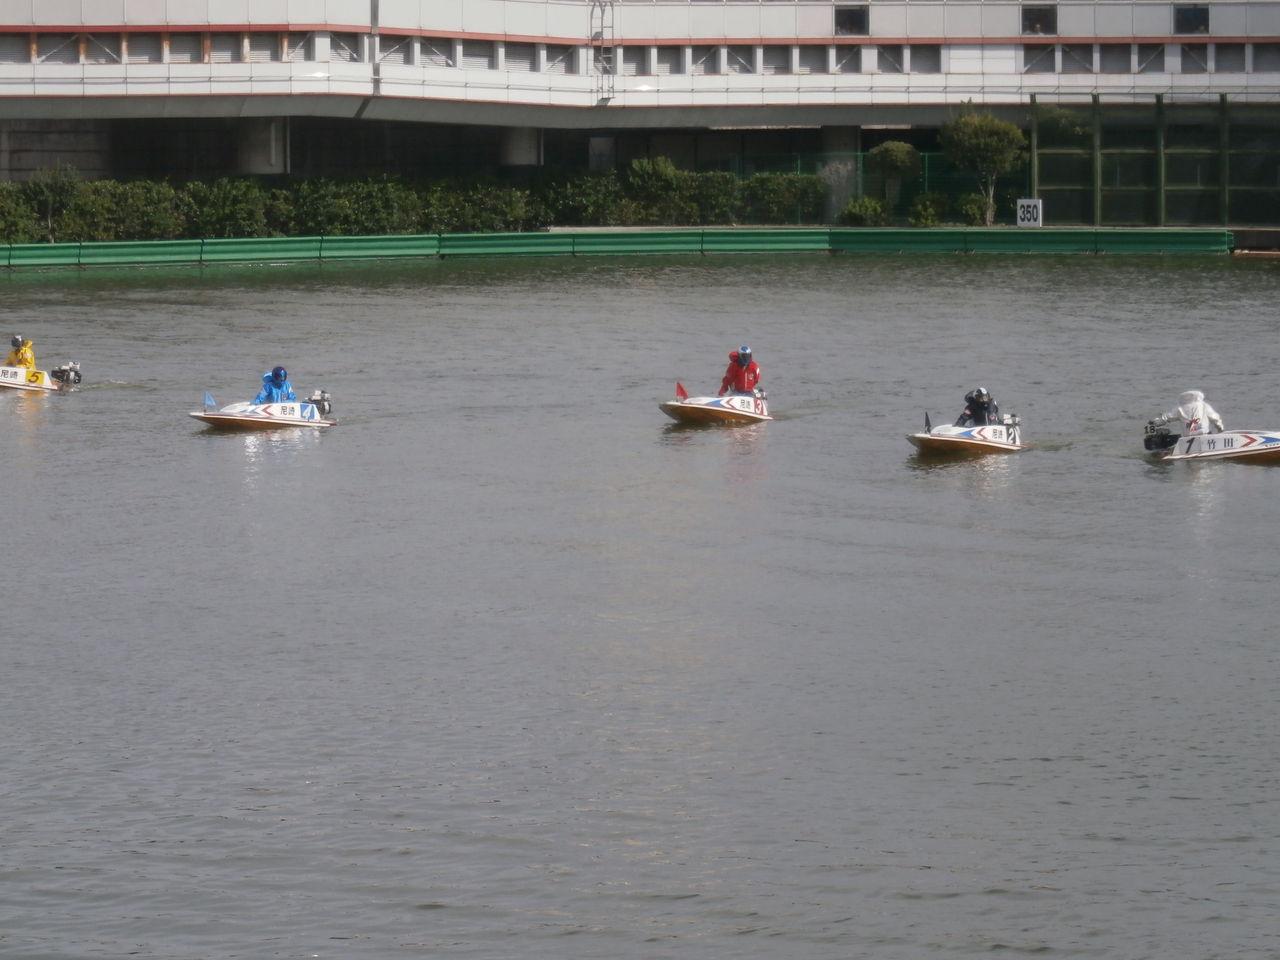 レース 今日 の ボート